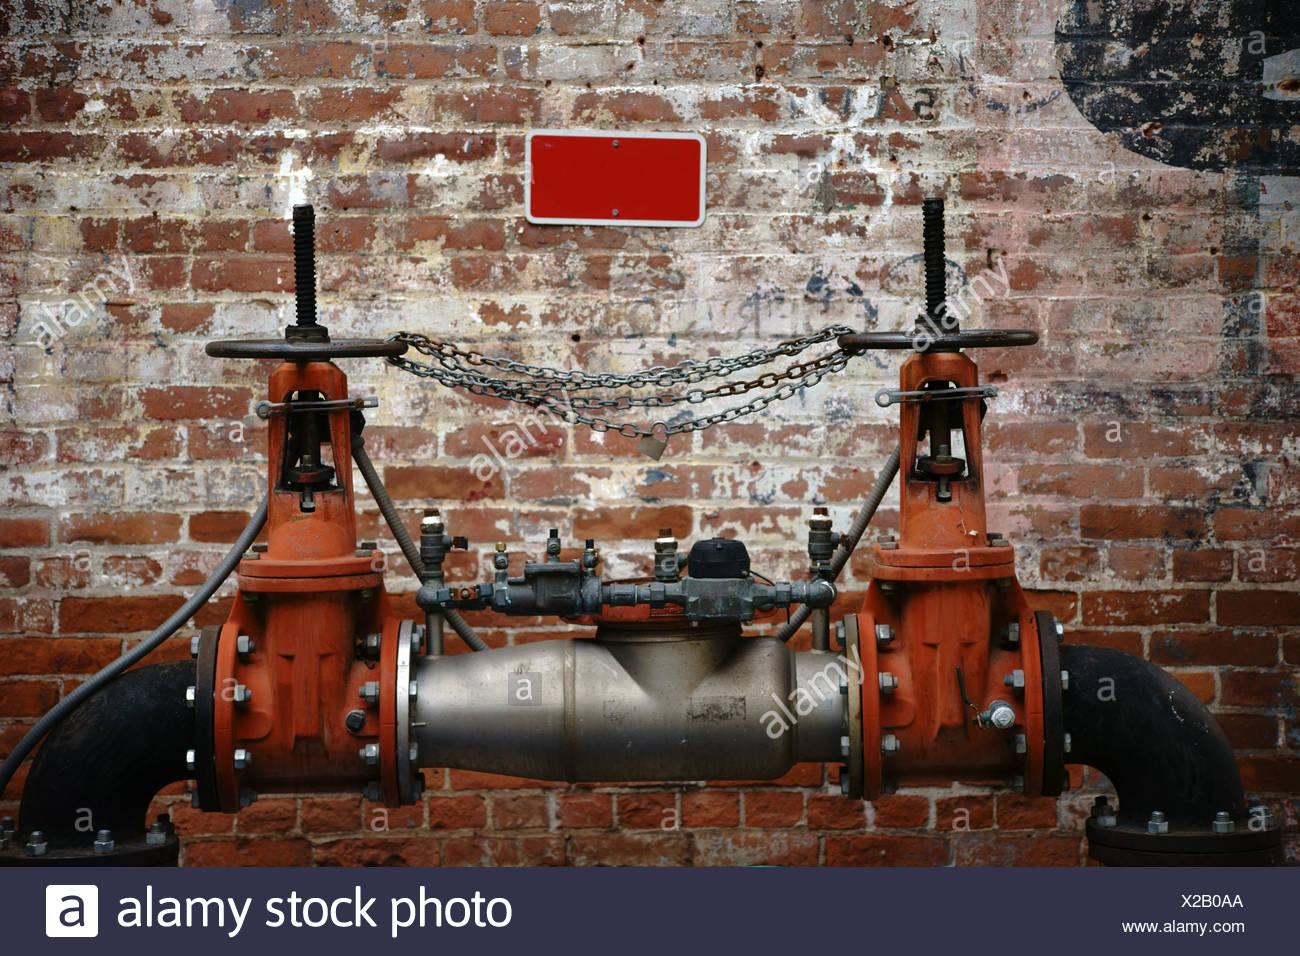 Eine Pumpstation e vor einer alten Backsteinwand mit verblichenen Schriftzeichen und Farbschichten. Stockbild